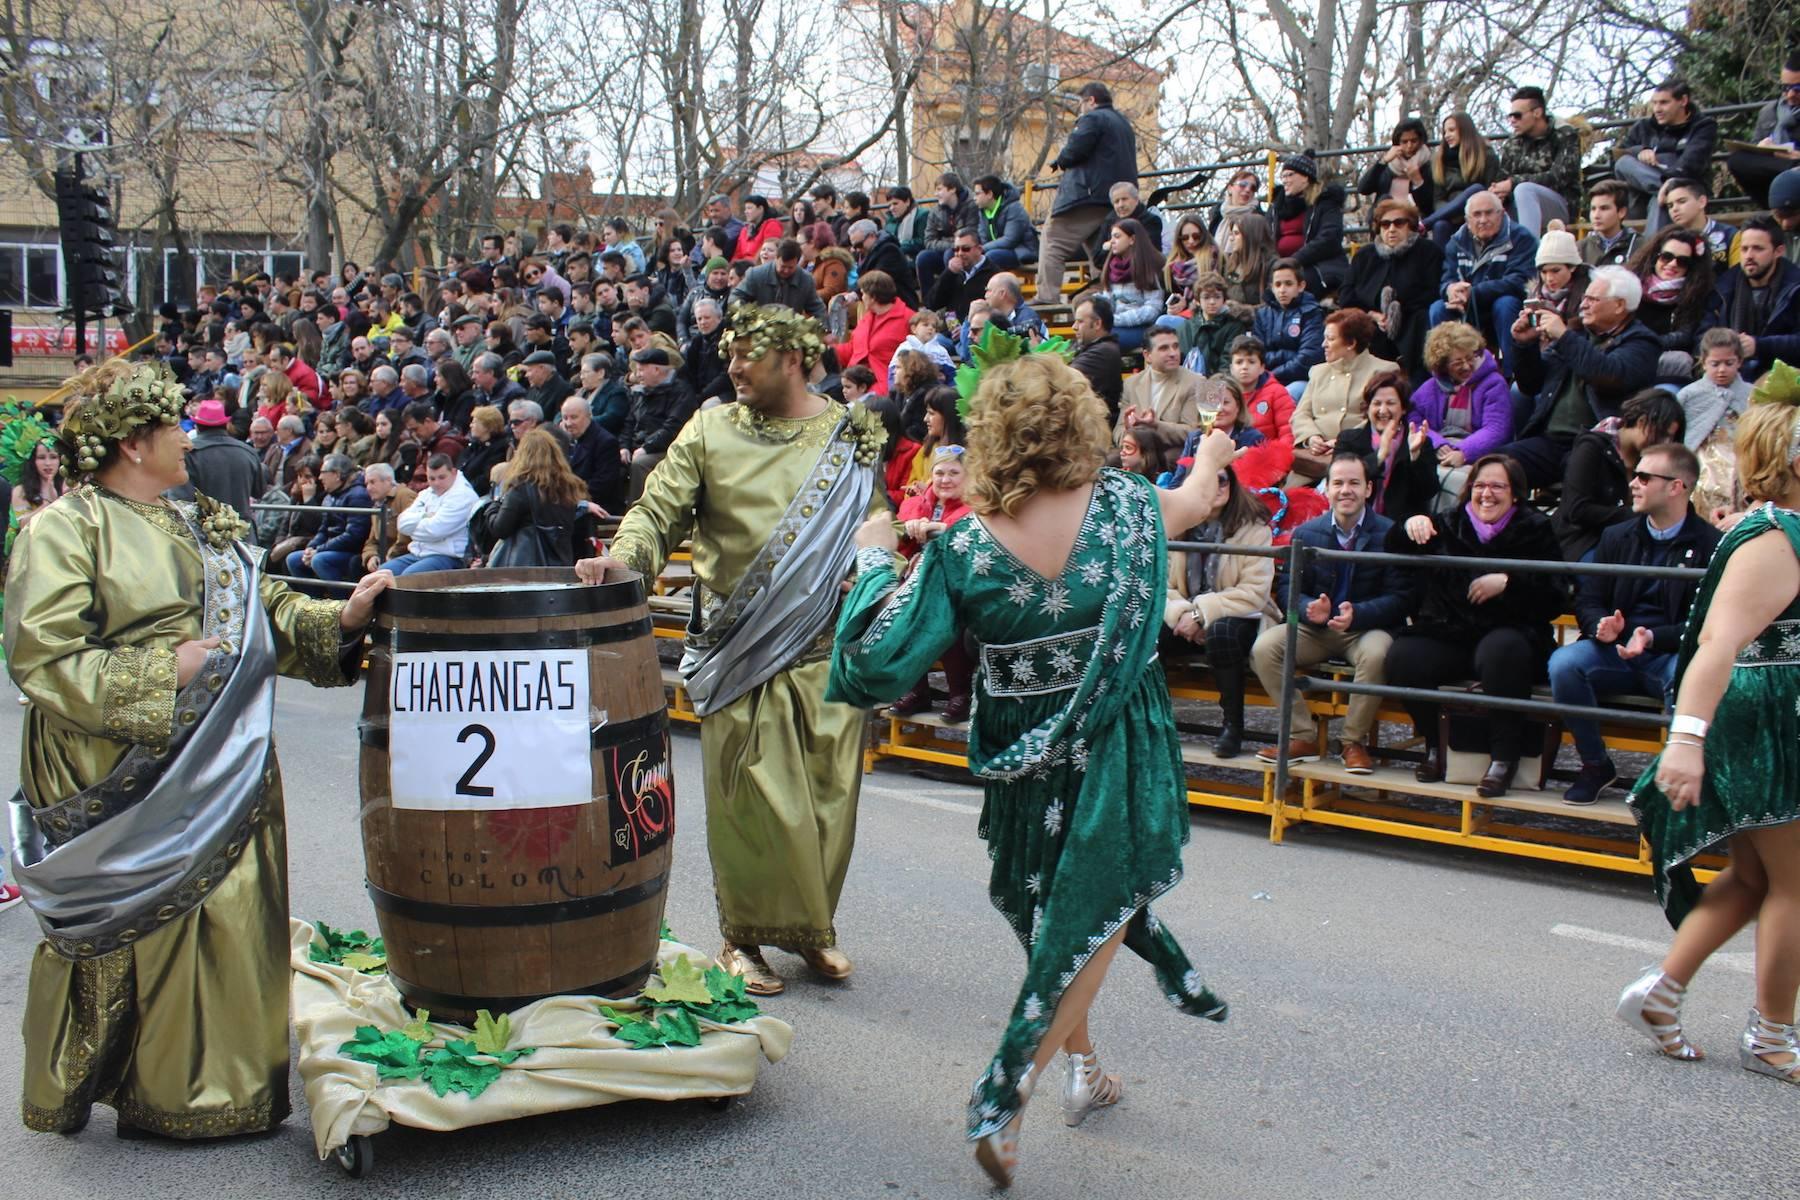 Carmen Olmedo en carnaval de Herencia nacional - Informe favorable previo para la declaración de Interés Turístico Nacional del Carnaval de Herencia